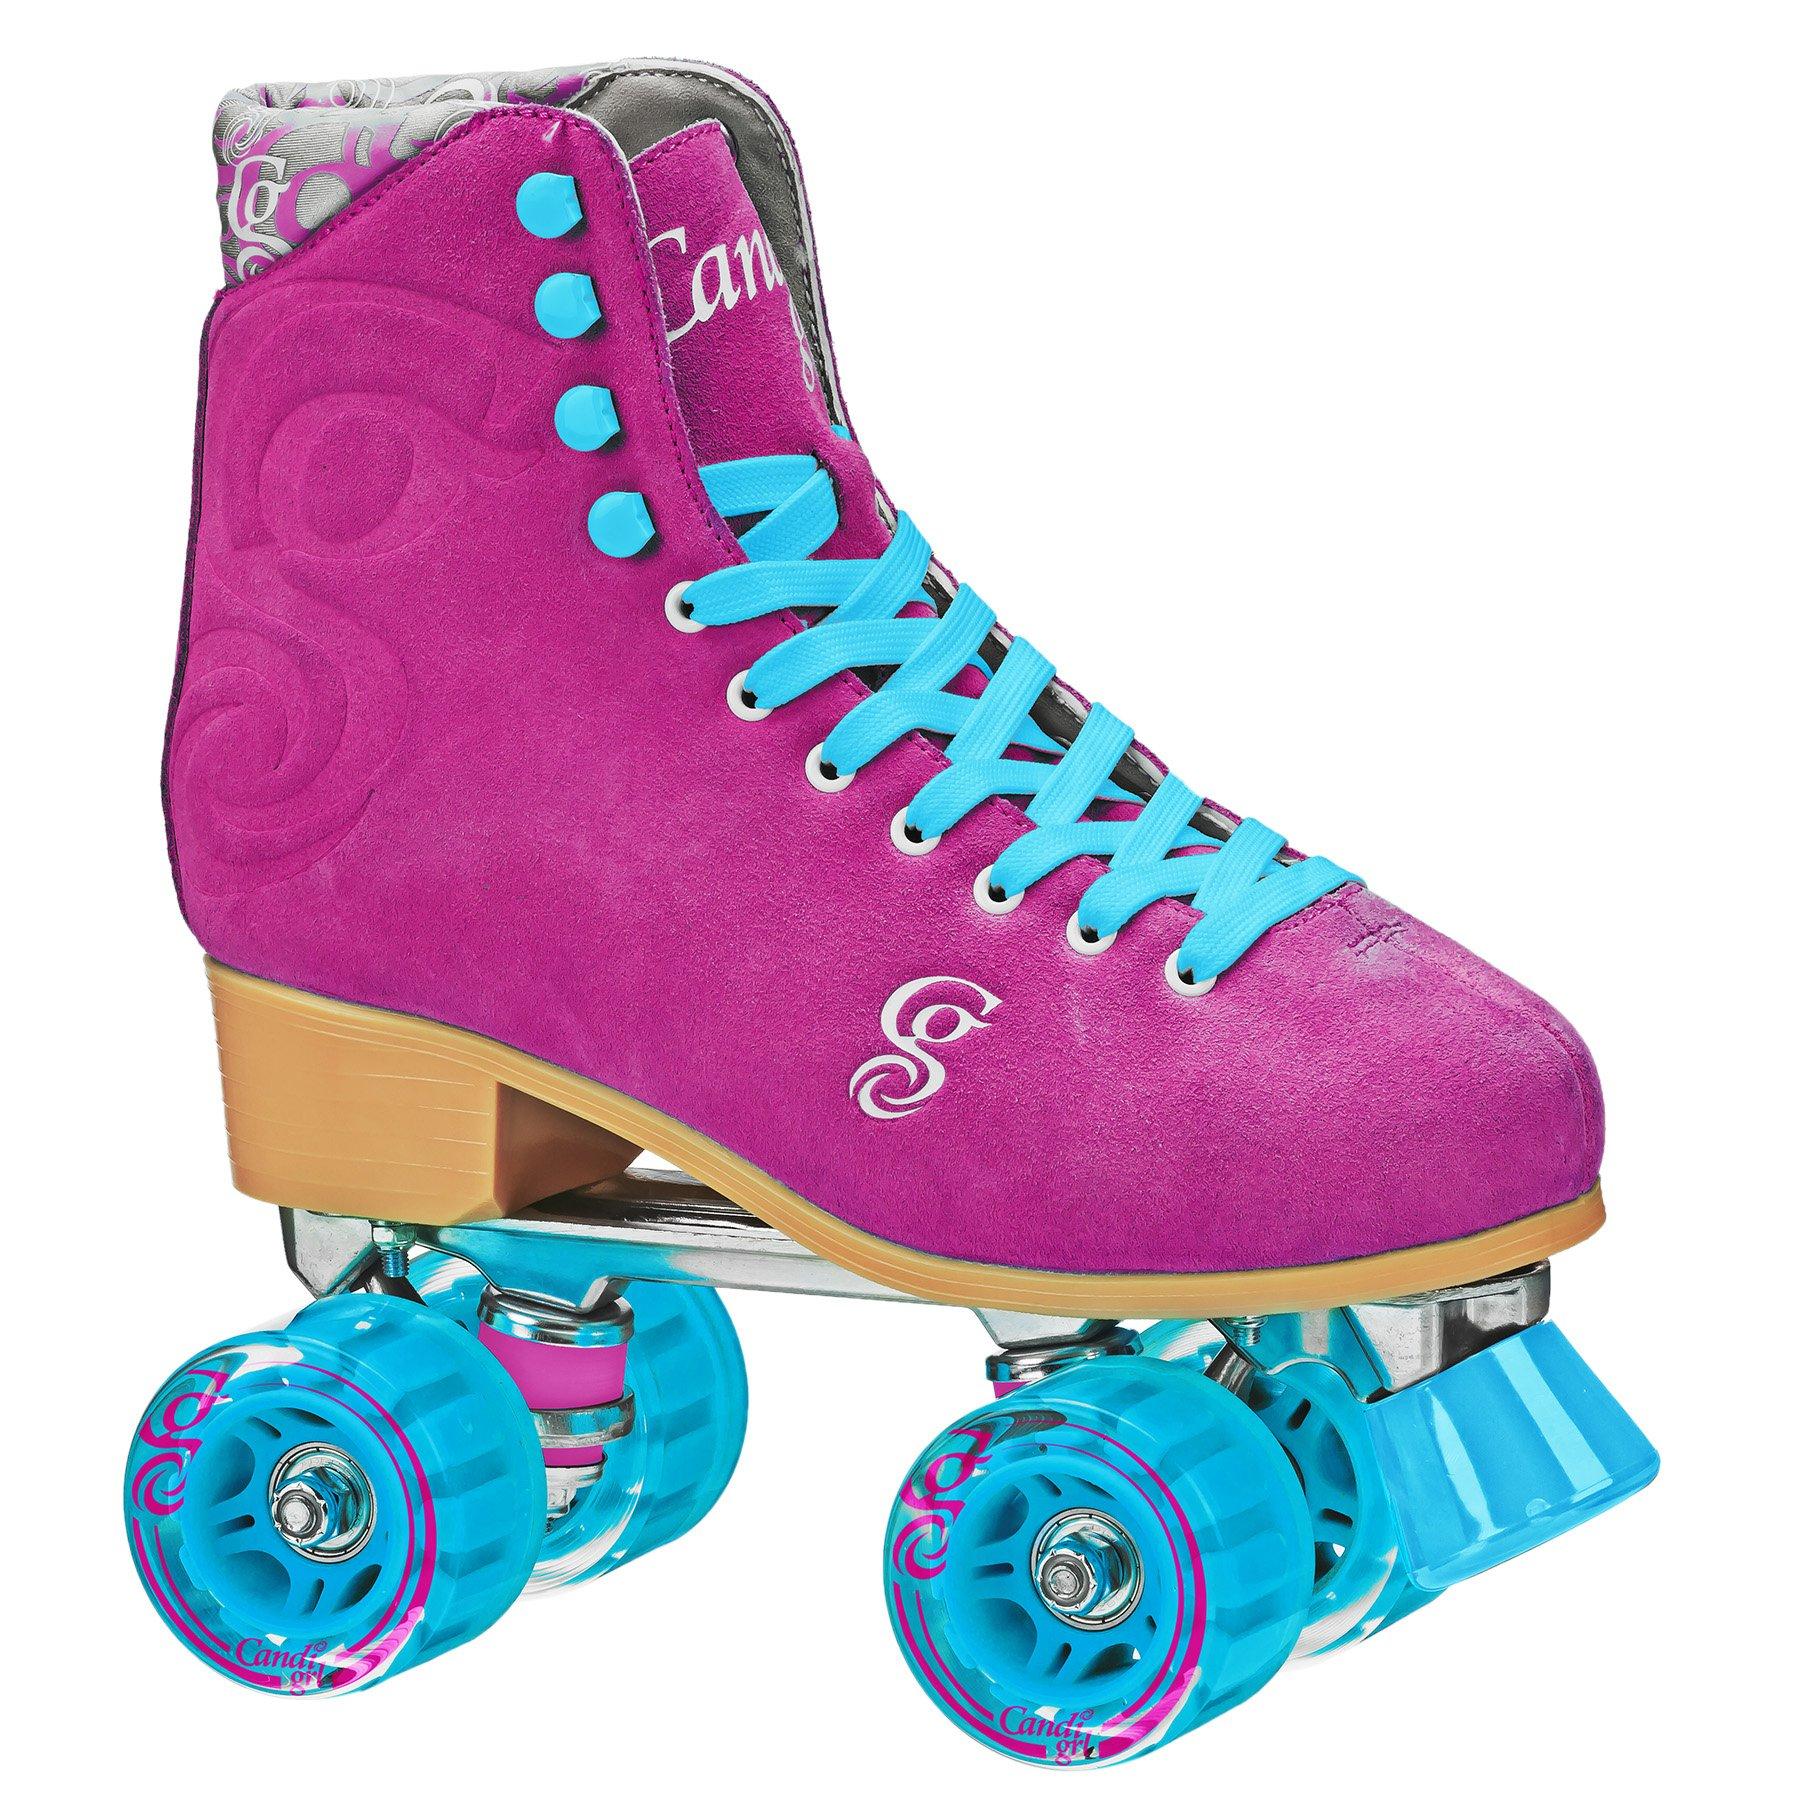 Roller Derby Candi Girl U774 Carlin Quad Artistic Roller Skates Raspberry Ladies sz 4